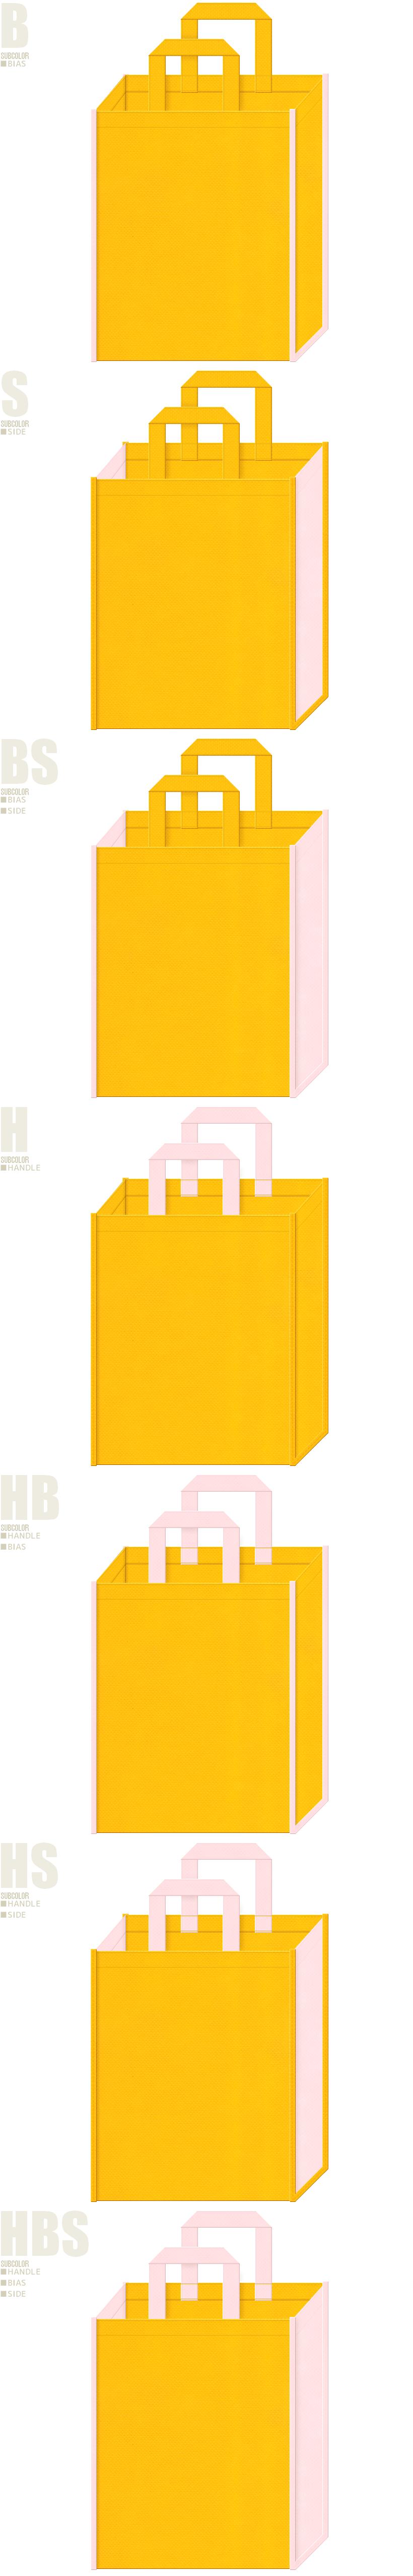 絵本・おとぎ話・エンジェル・テーマパーク・ひよこ・通園バッグ・キッズイベントにお奨めの不織布バッグデザイン:黄色と桜色の配色7パターン。